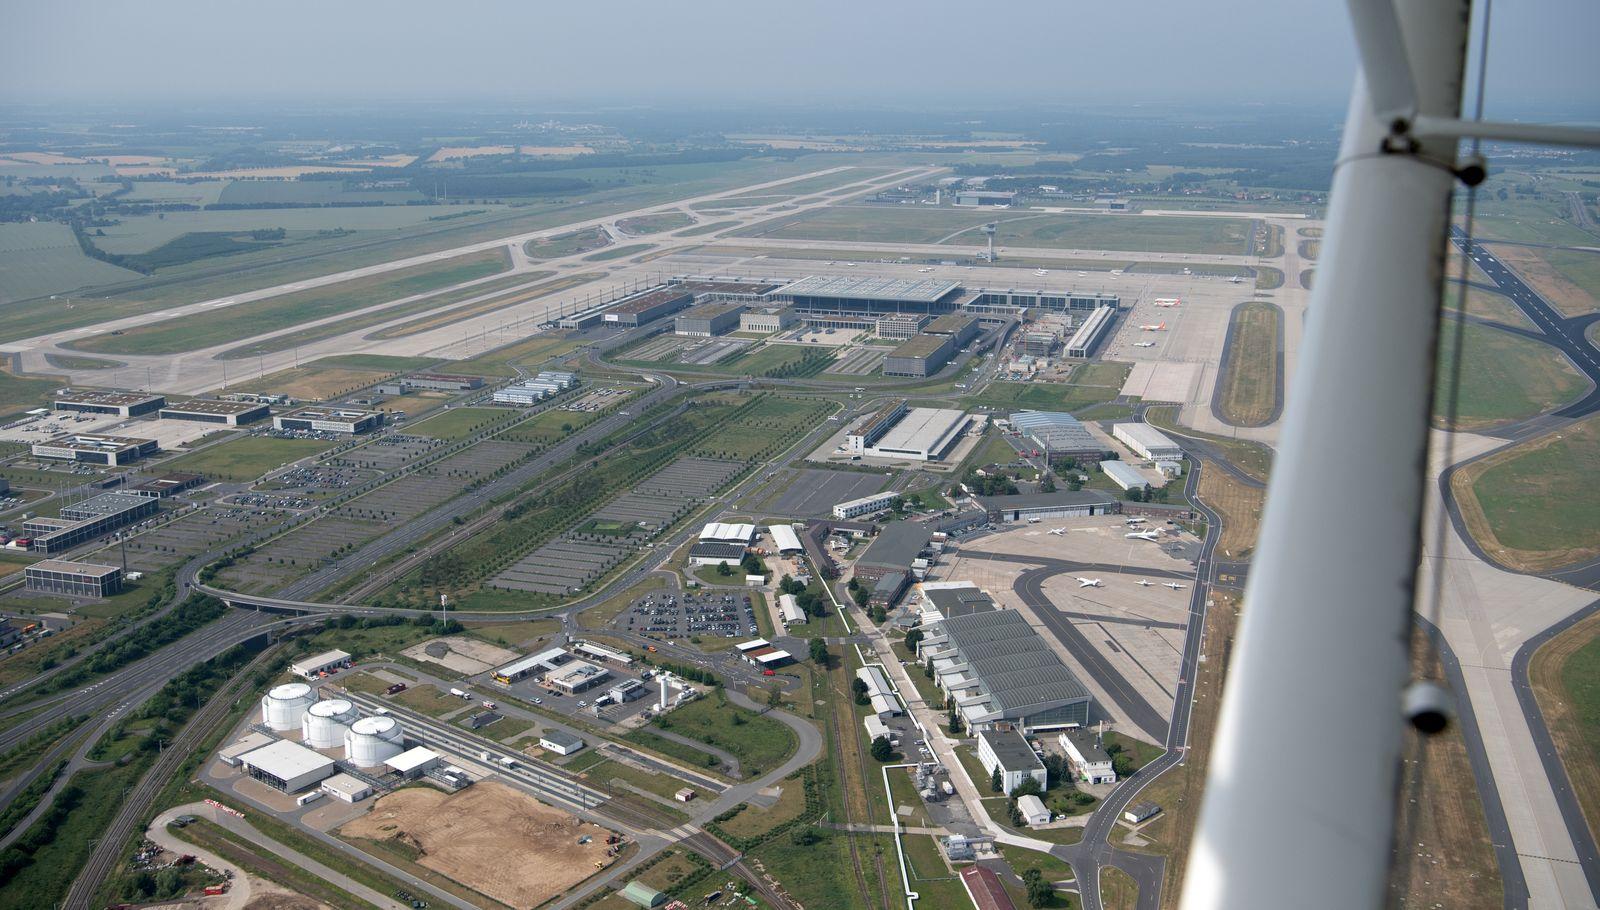 Hauptstadtflughafen BER Luftaufnahme